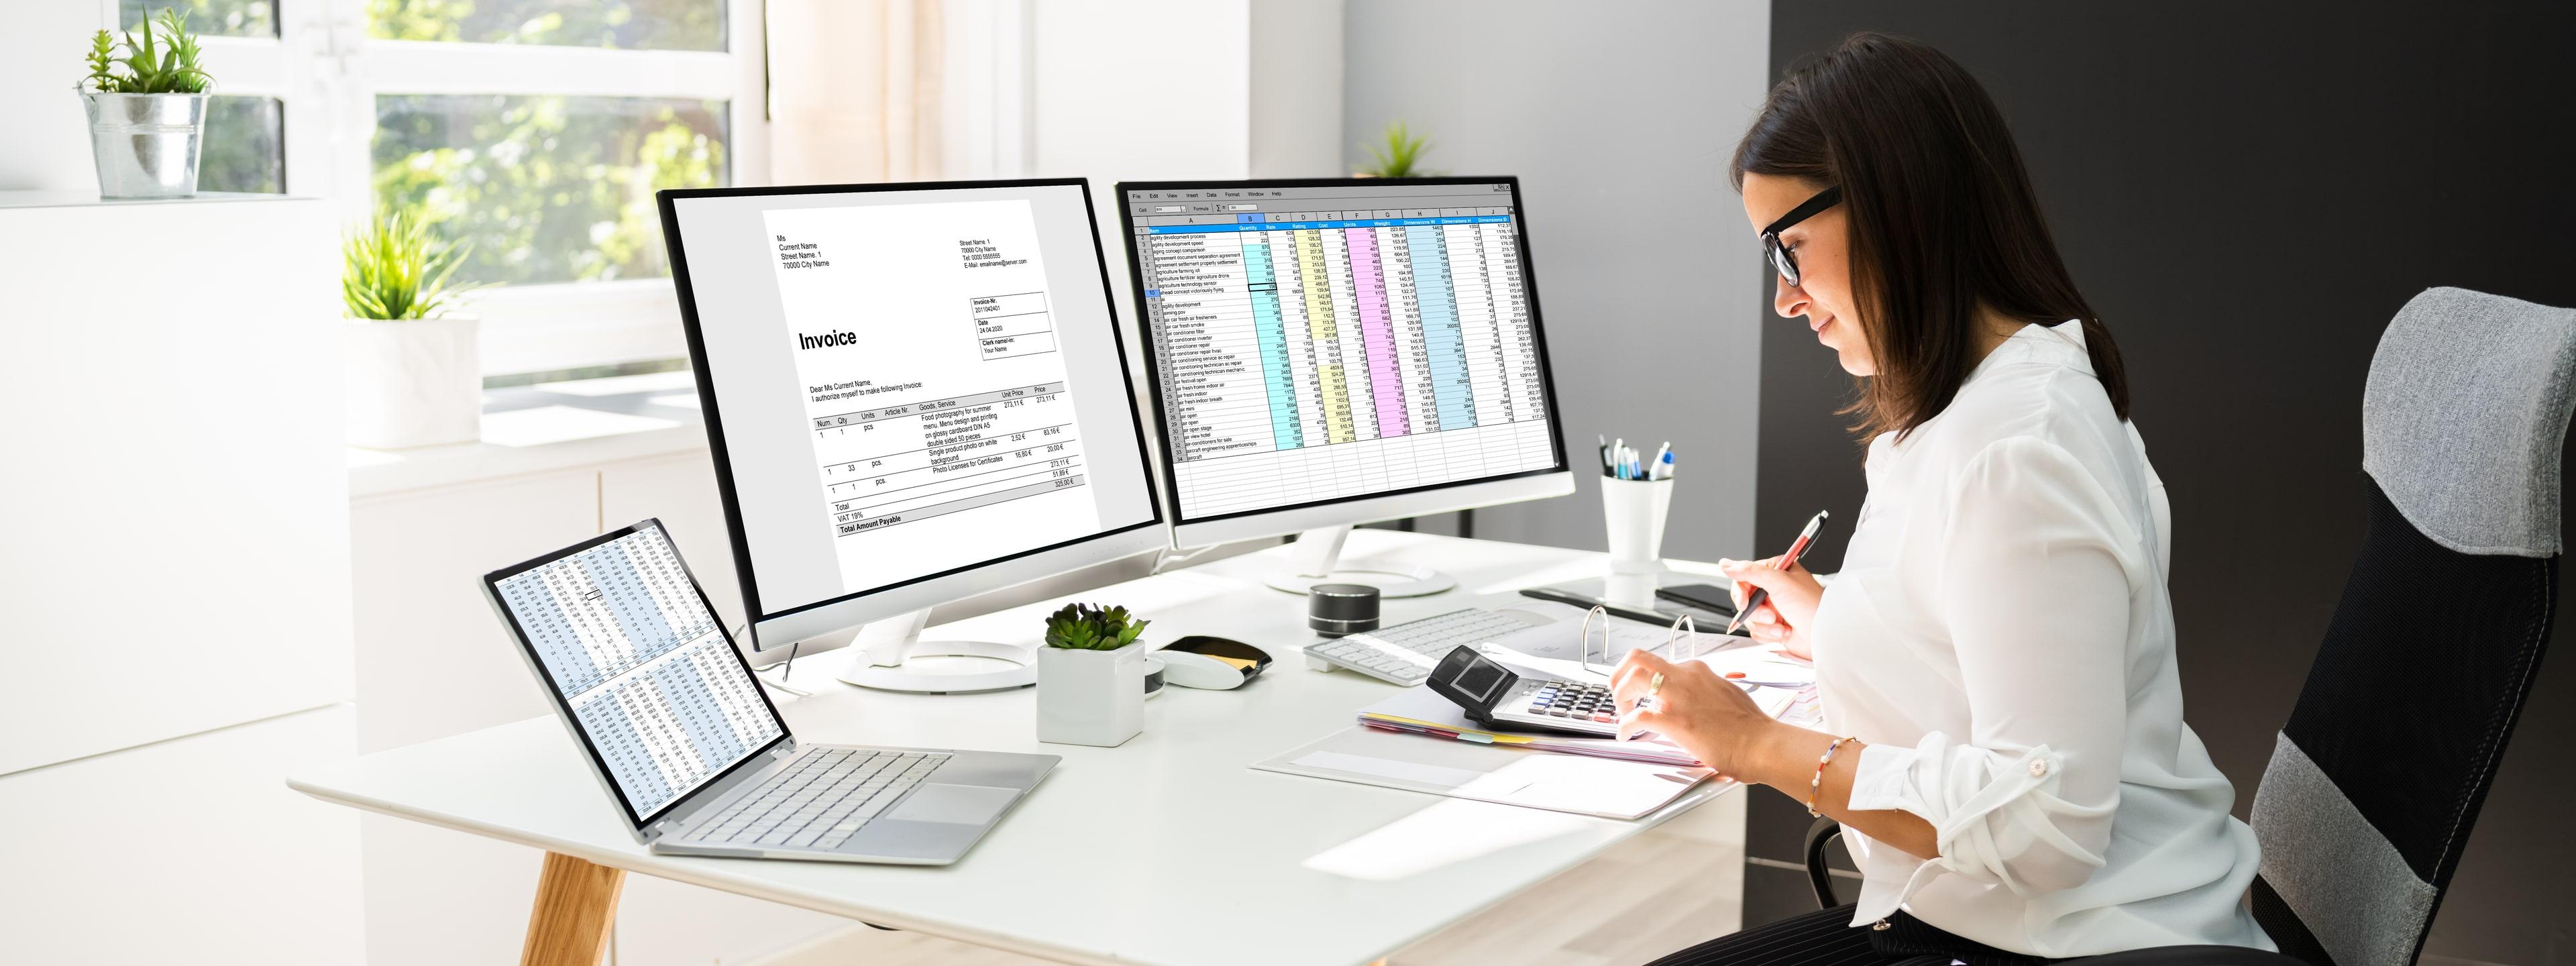 Cinco claves para aumentar los ingresos del Despacho